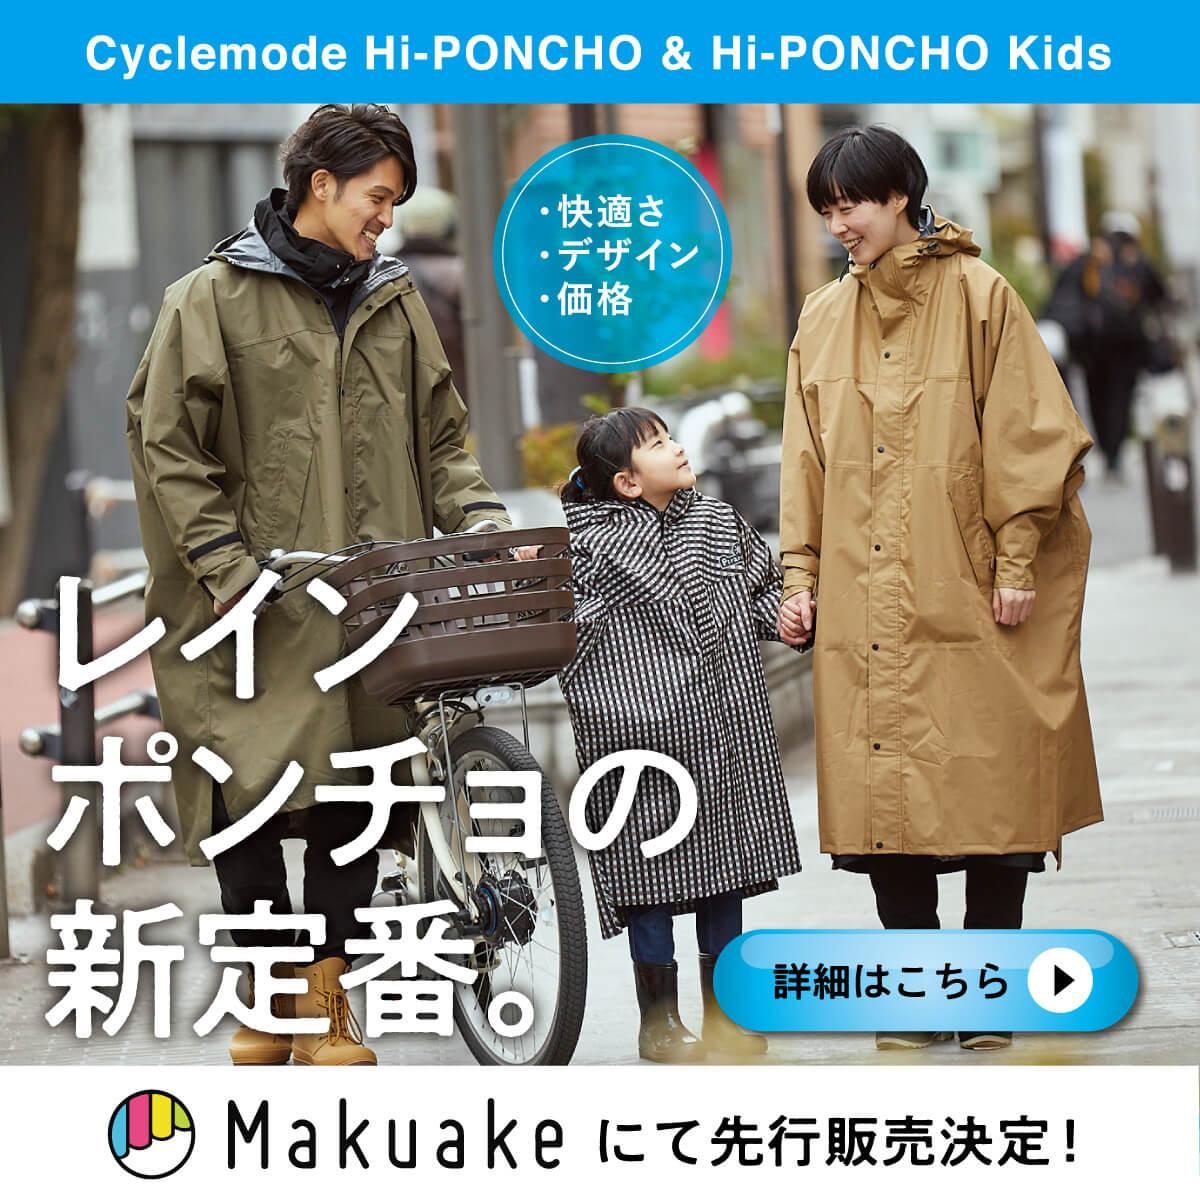 カジメイク&アメトハレ Makuake第三弾プロジェクト『こんなの欲しかった!自転車通勤から街歩きまで大活躍。家族のための新レインポンチョ』